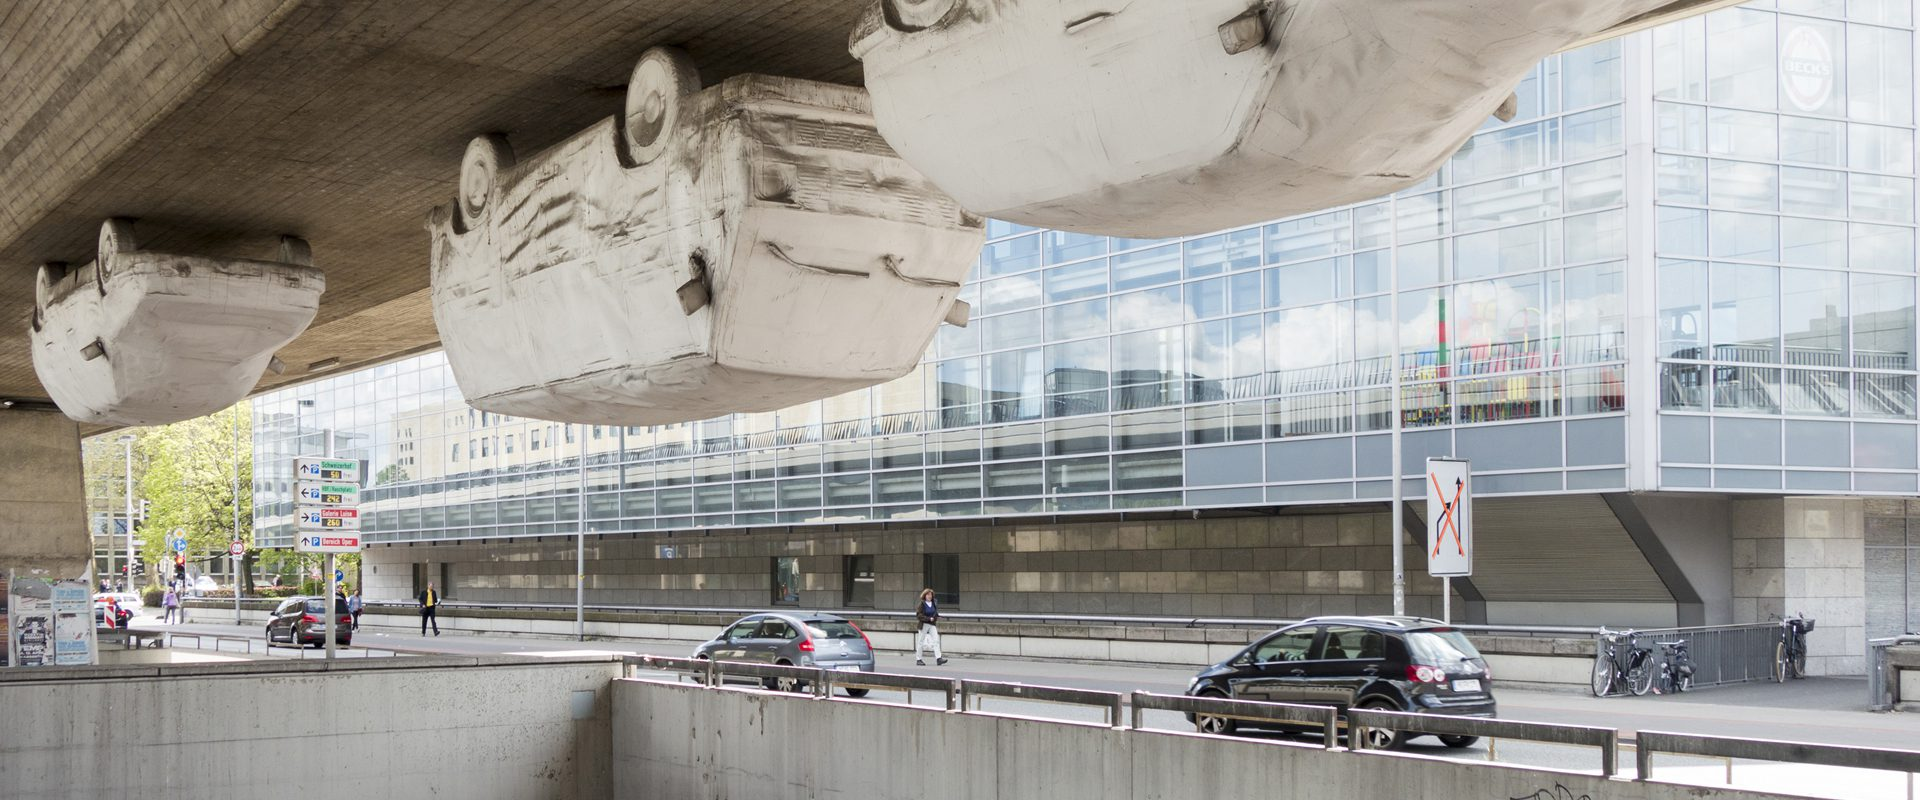 """Hannover, Kunstwerk von Andreas von Weizsäcker, """"Hangover"""", im Jahr 1991 angebracht unter der Raschplatz-Hochstraße. Foto: Erik-Jan Ouwerkerk"""